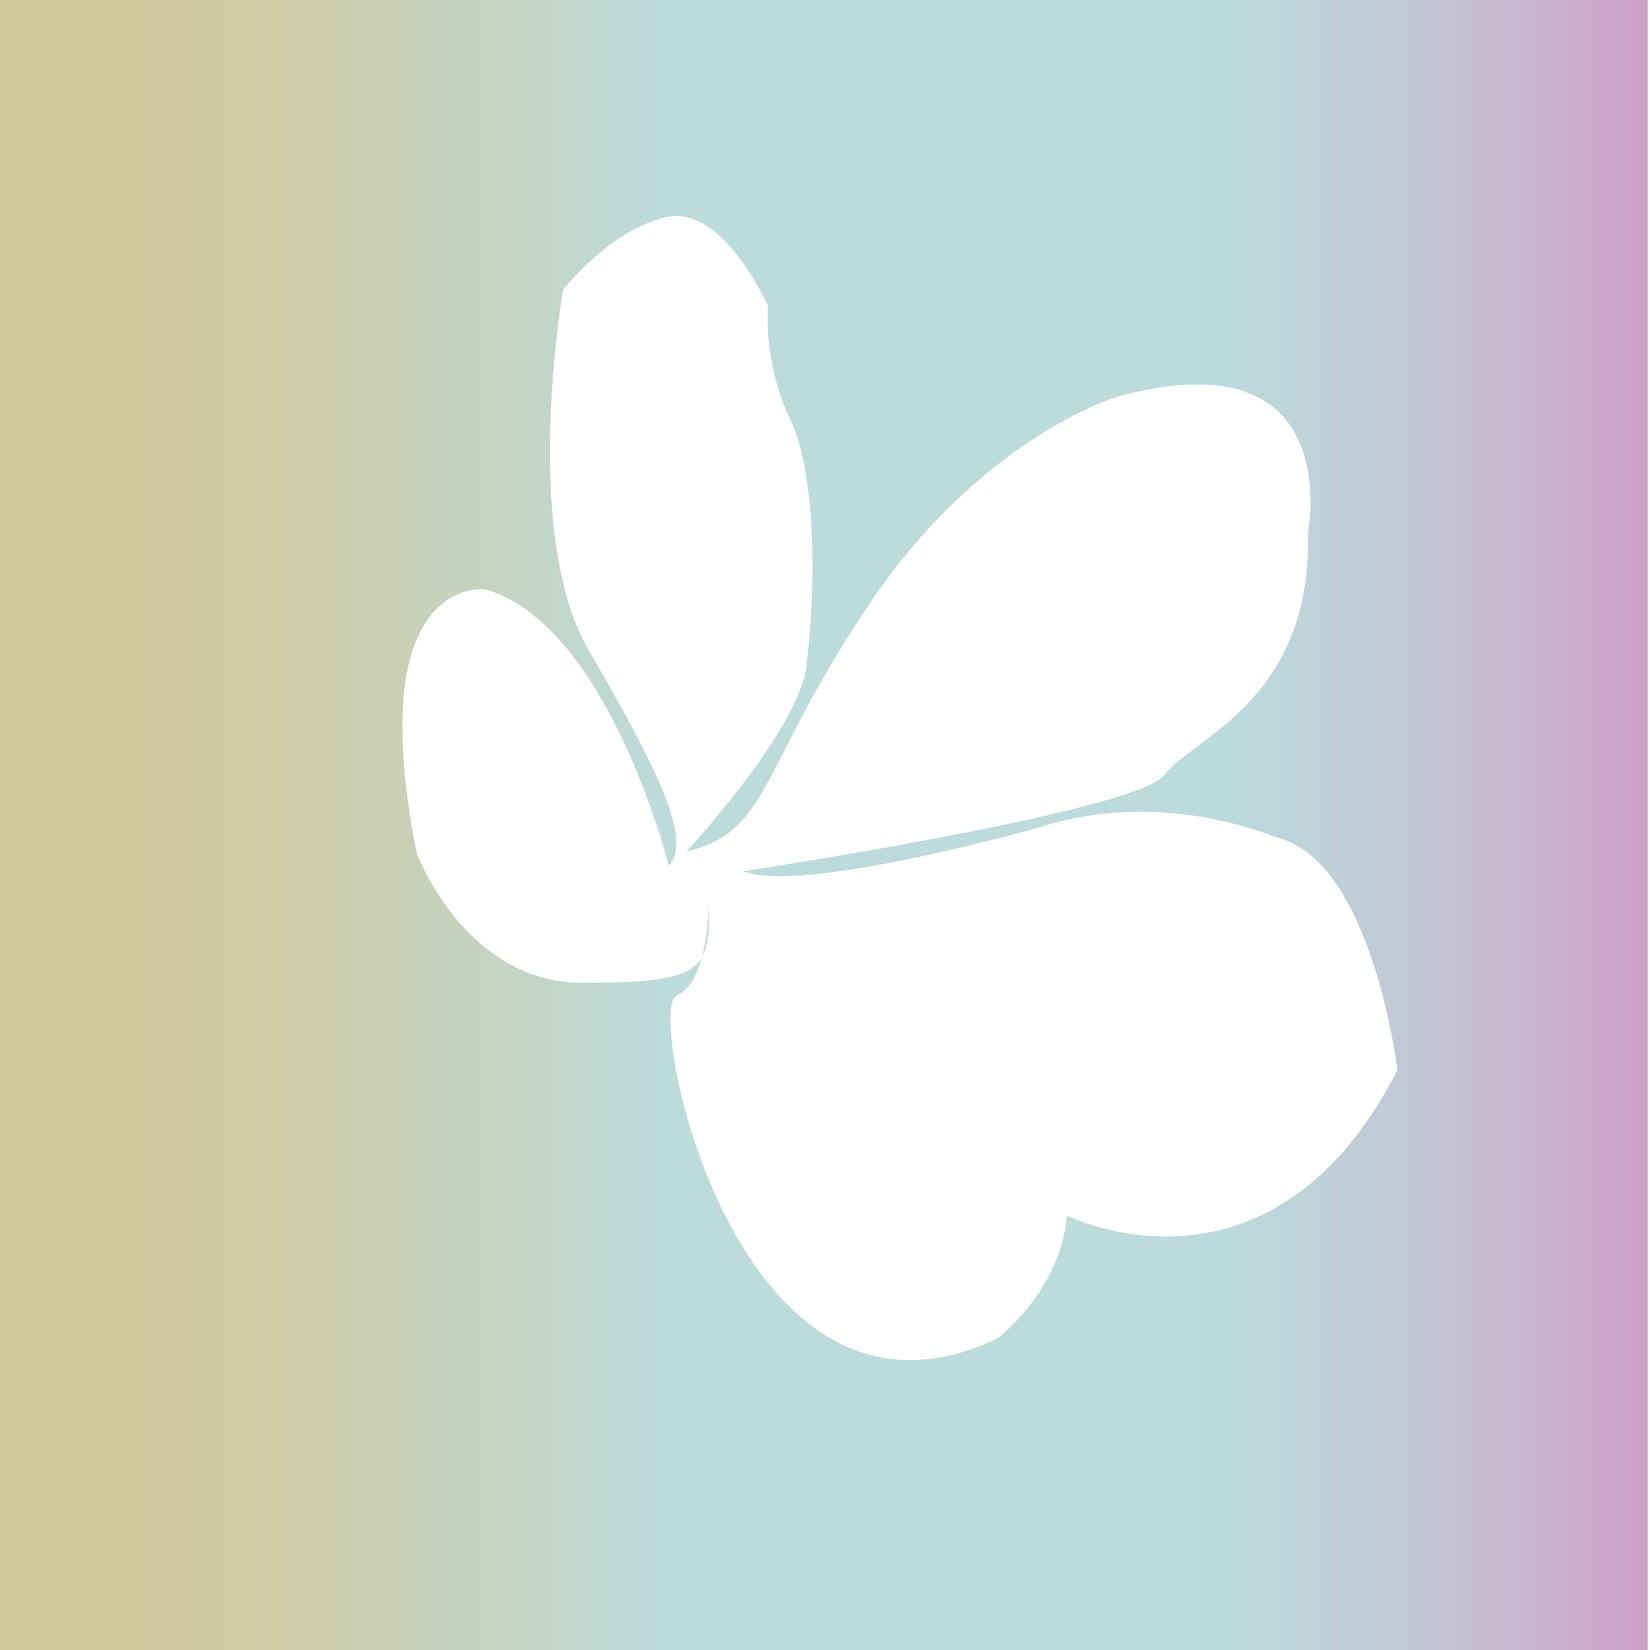 So-Fine_Brand-Identity_Logomark reversed.jpg